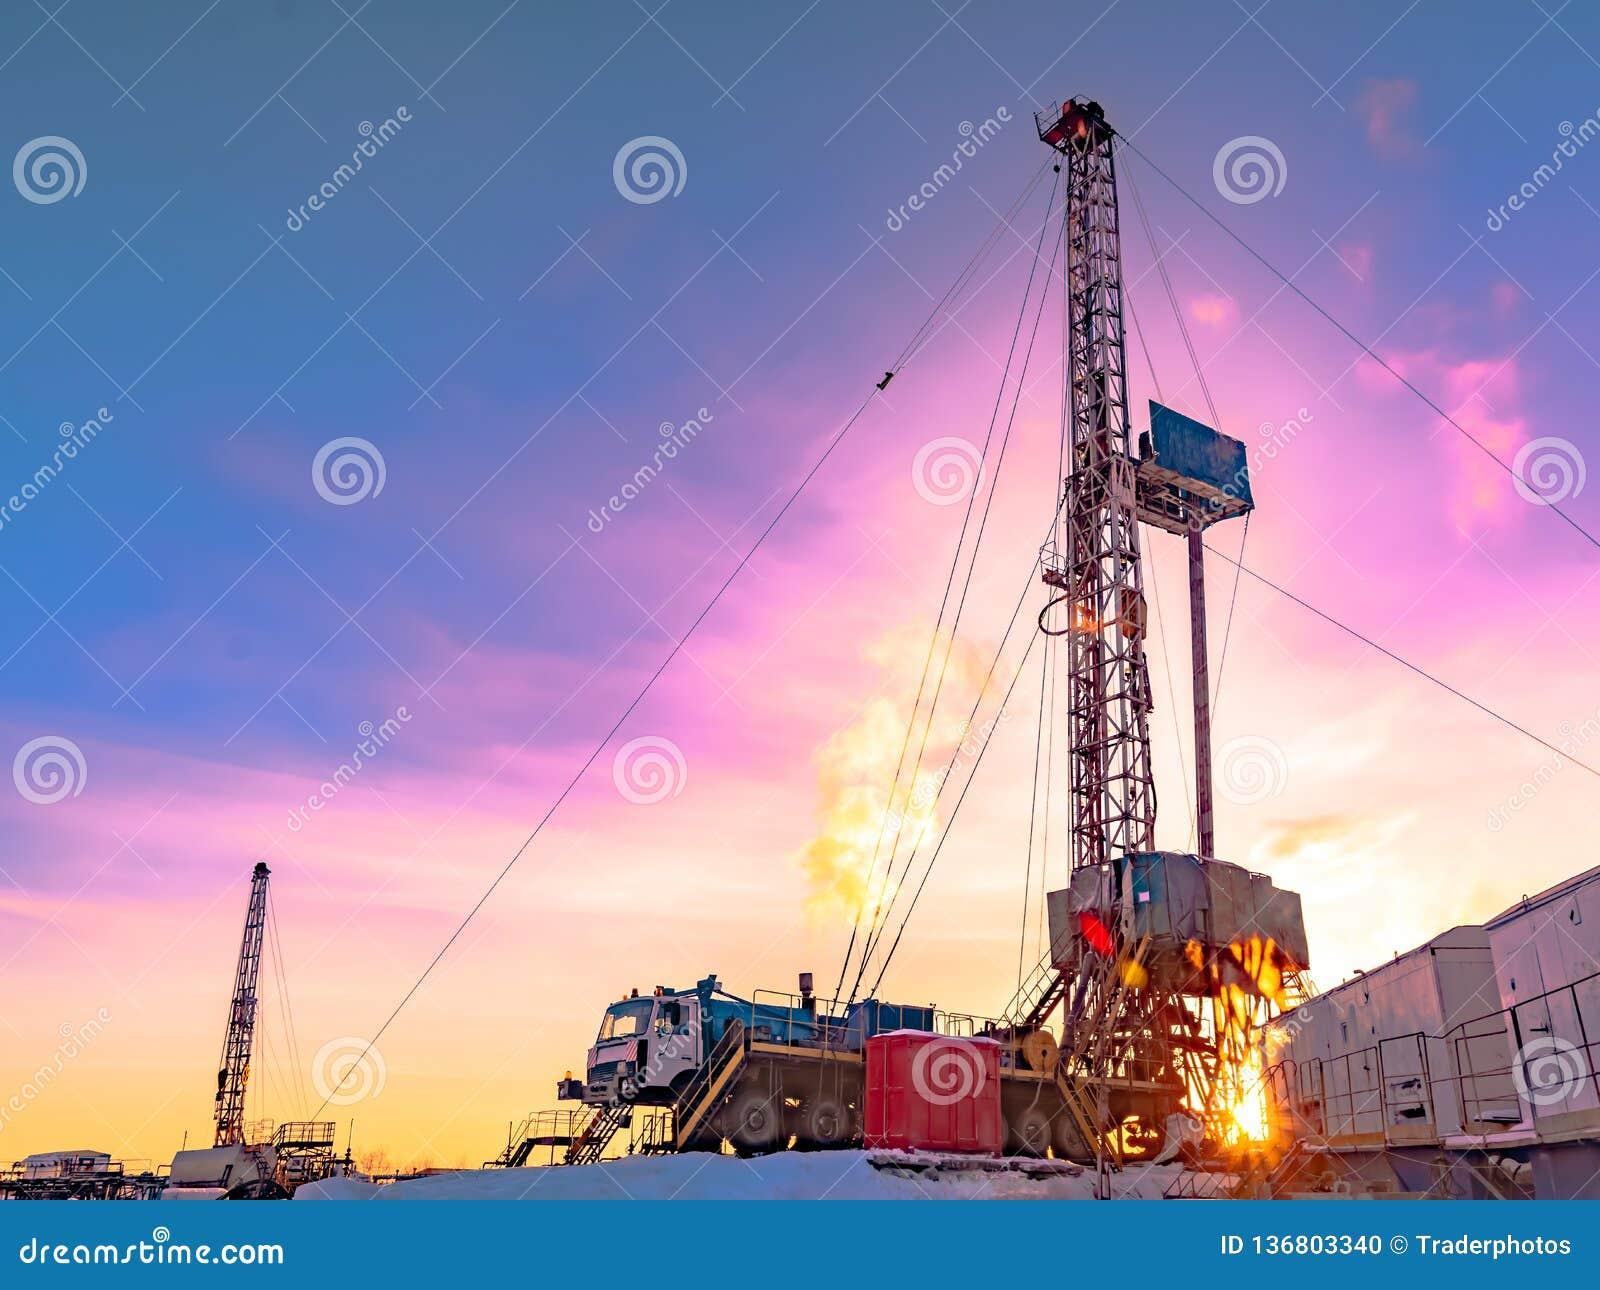 Сверлить нефтяную скважину в нефтяном месторождении нефти и газ в арктике